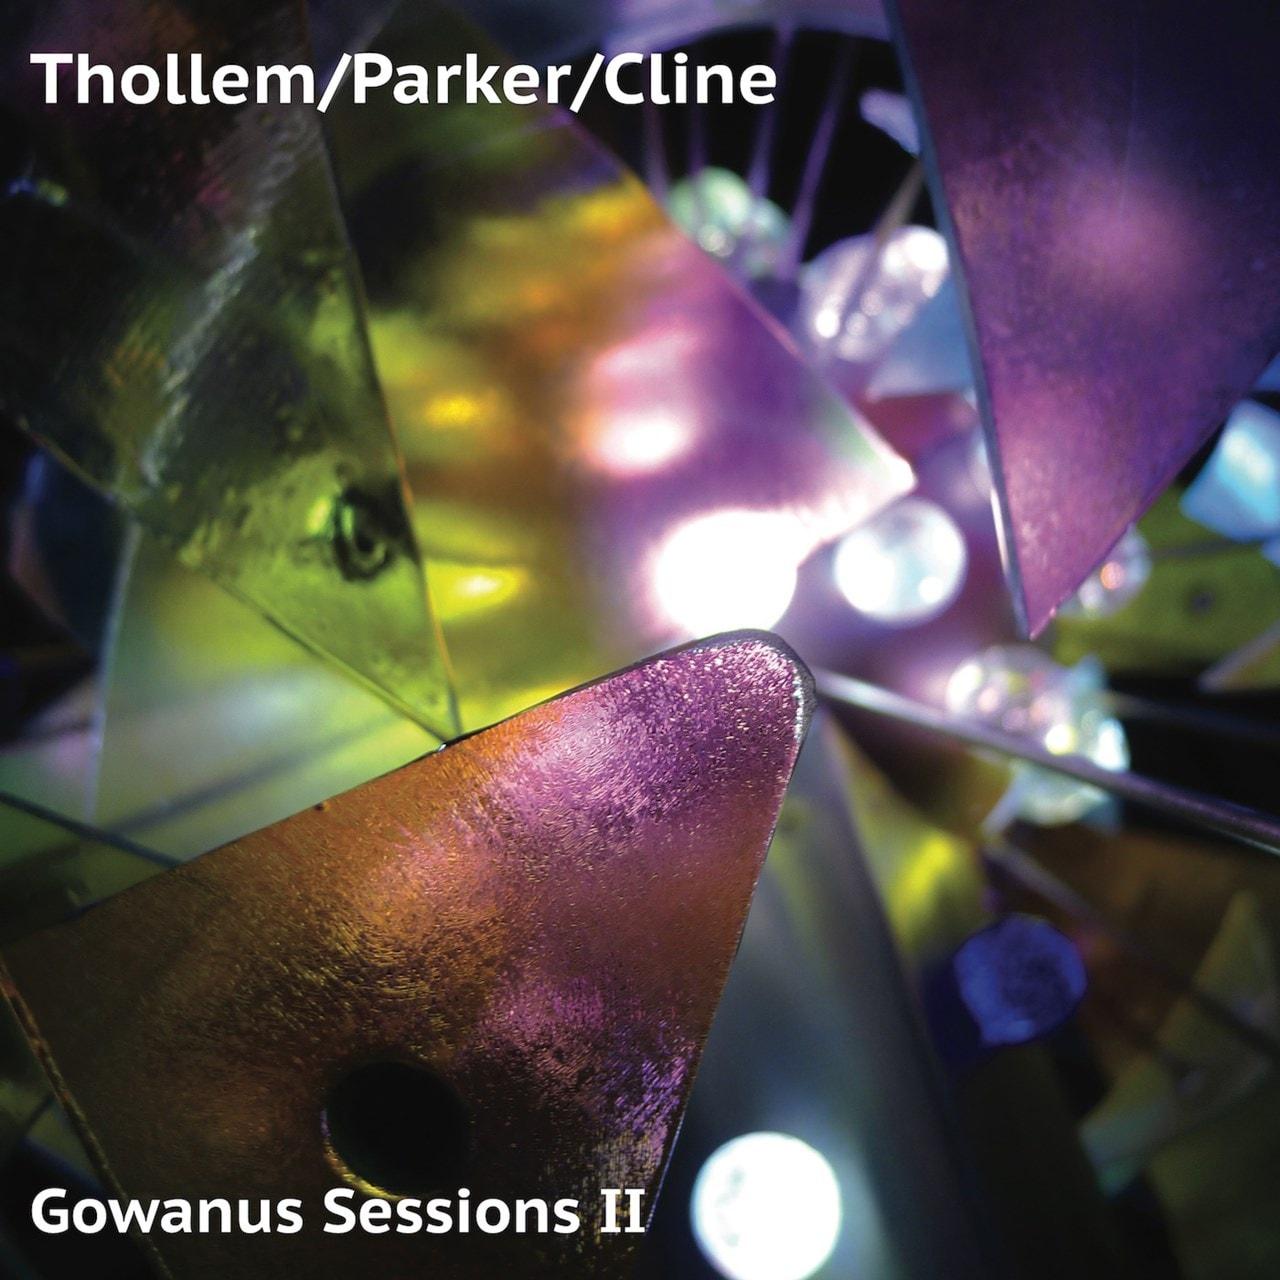 Gowanus Sessions II - 1